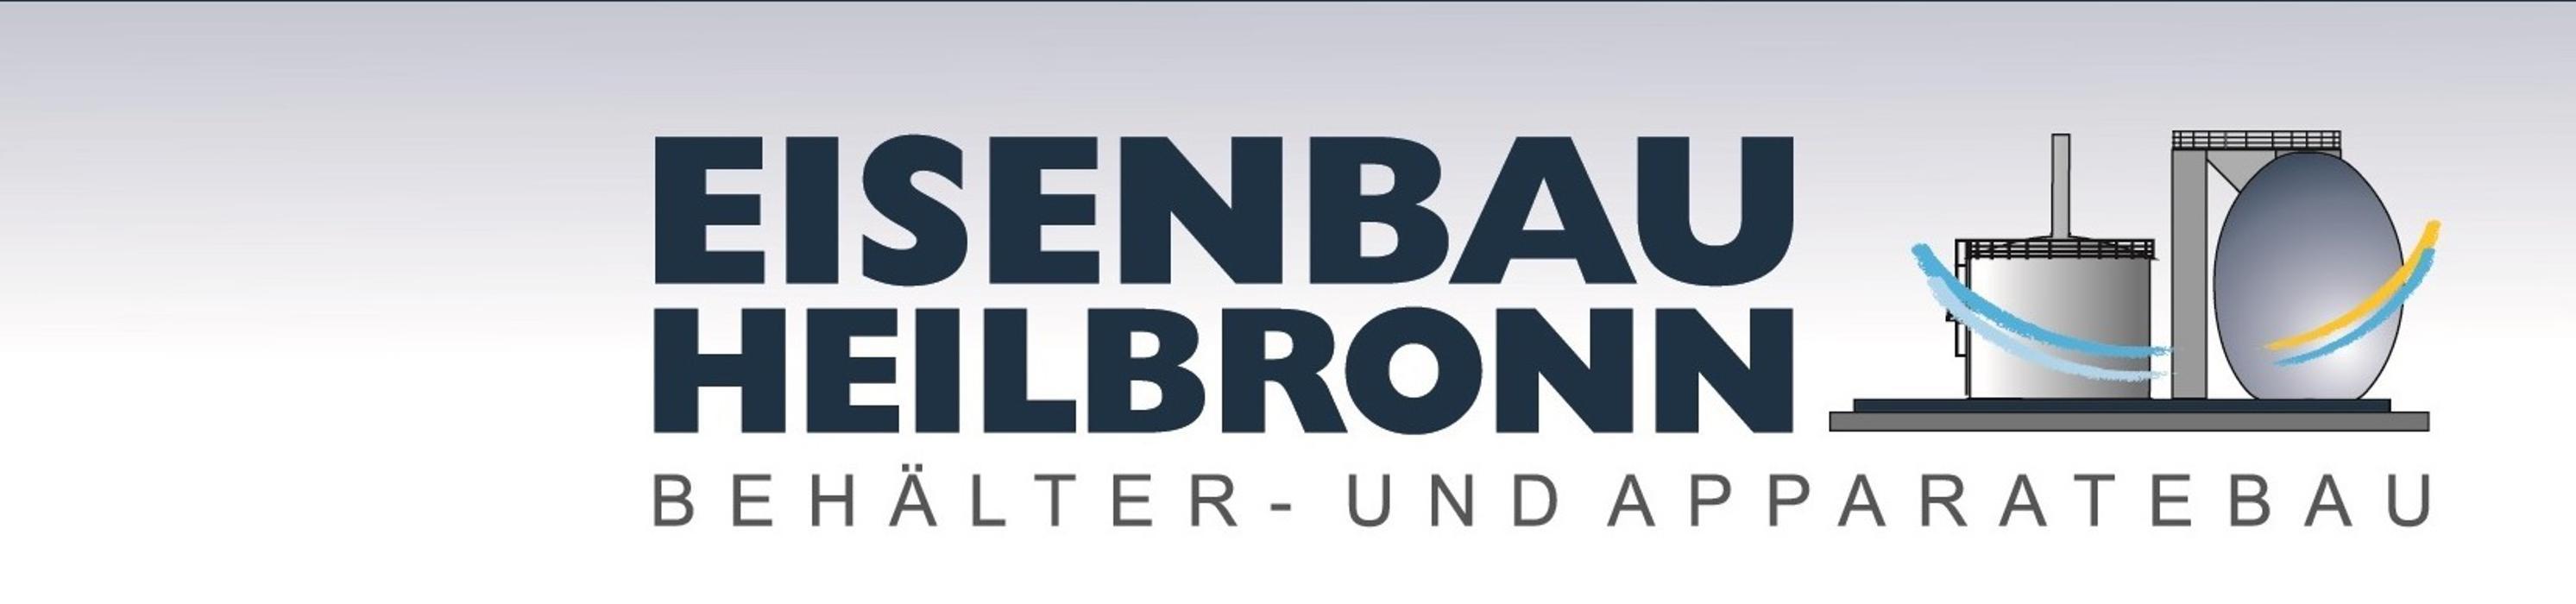 Bild zu Eisenbau Heilbronn GmbH - Behälter und Apparatebau in Heilbronn am Neckar